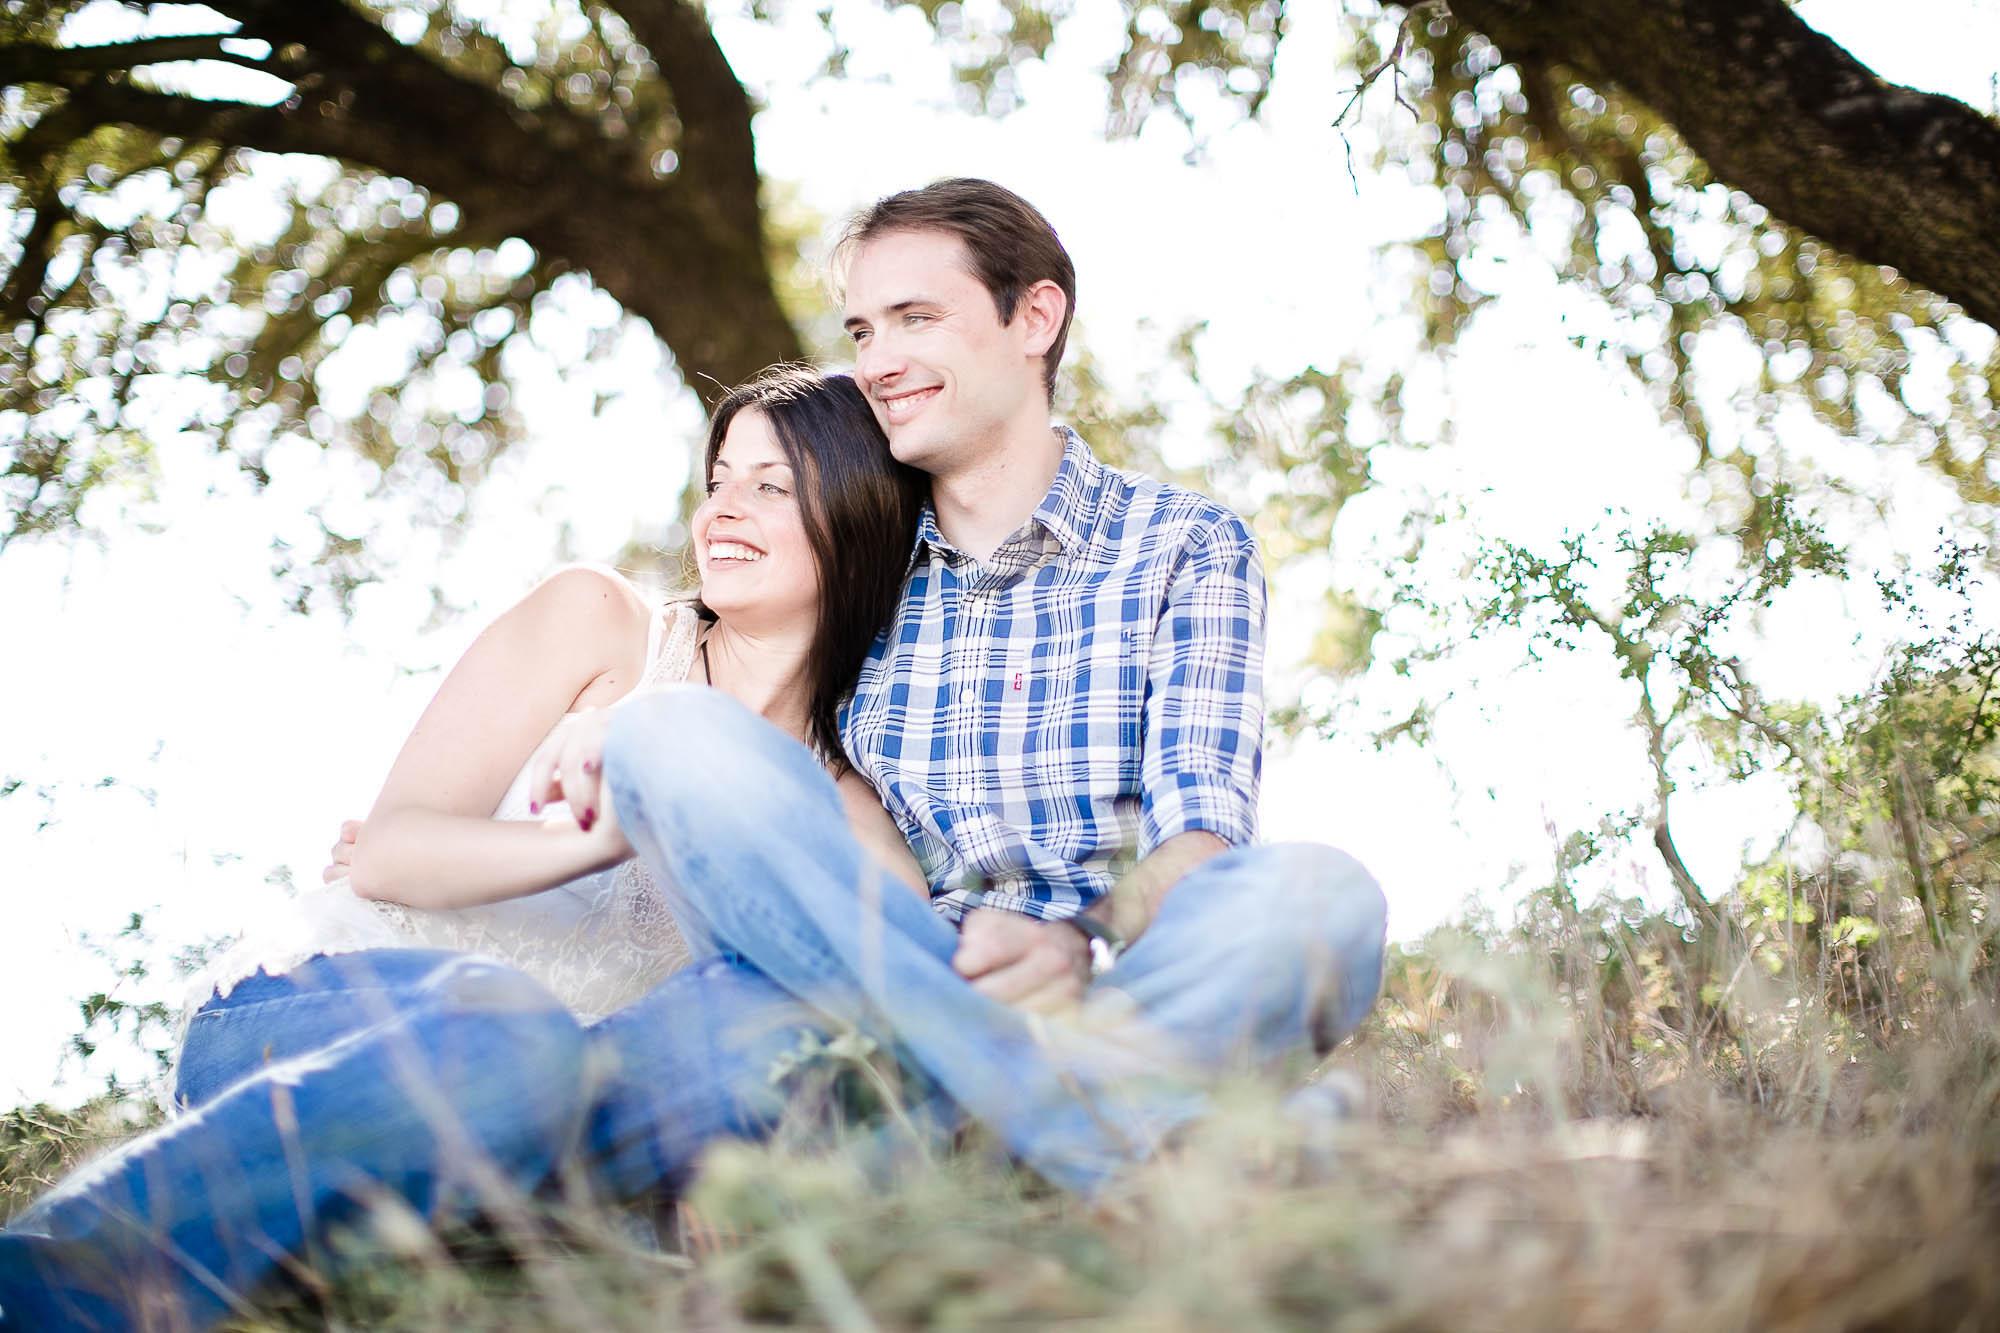 Ellos se abrazan y ríen sentados bajo en árbol